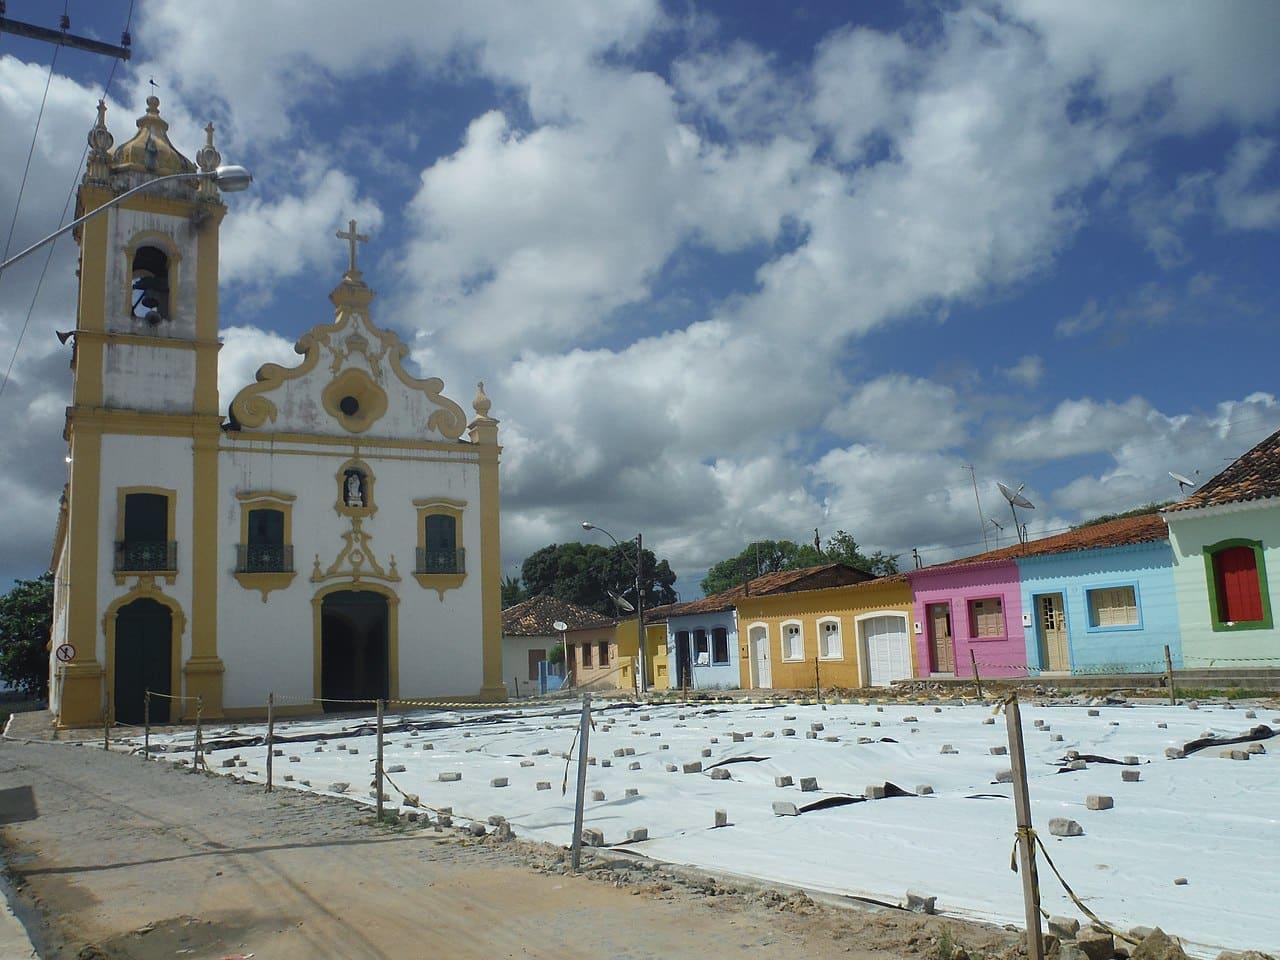 Igreja de Marechal Deodoro, no Alagoas, com casinhas coloridas na rua ao lado